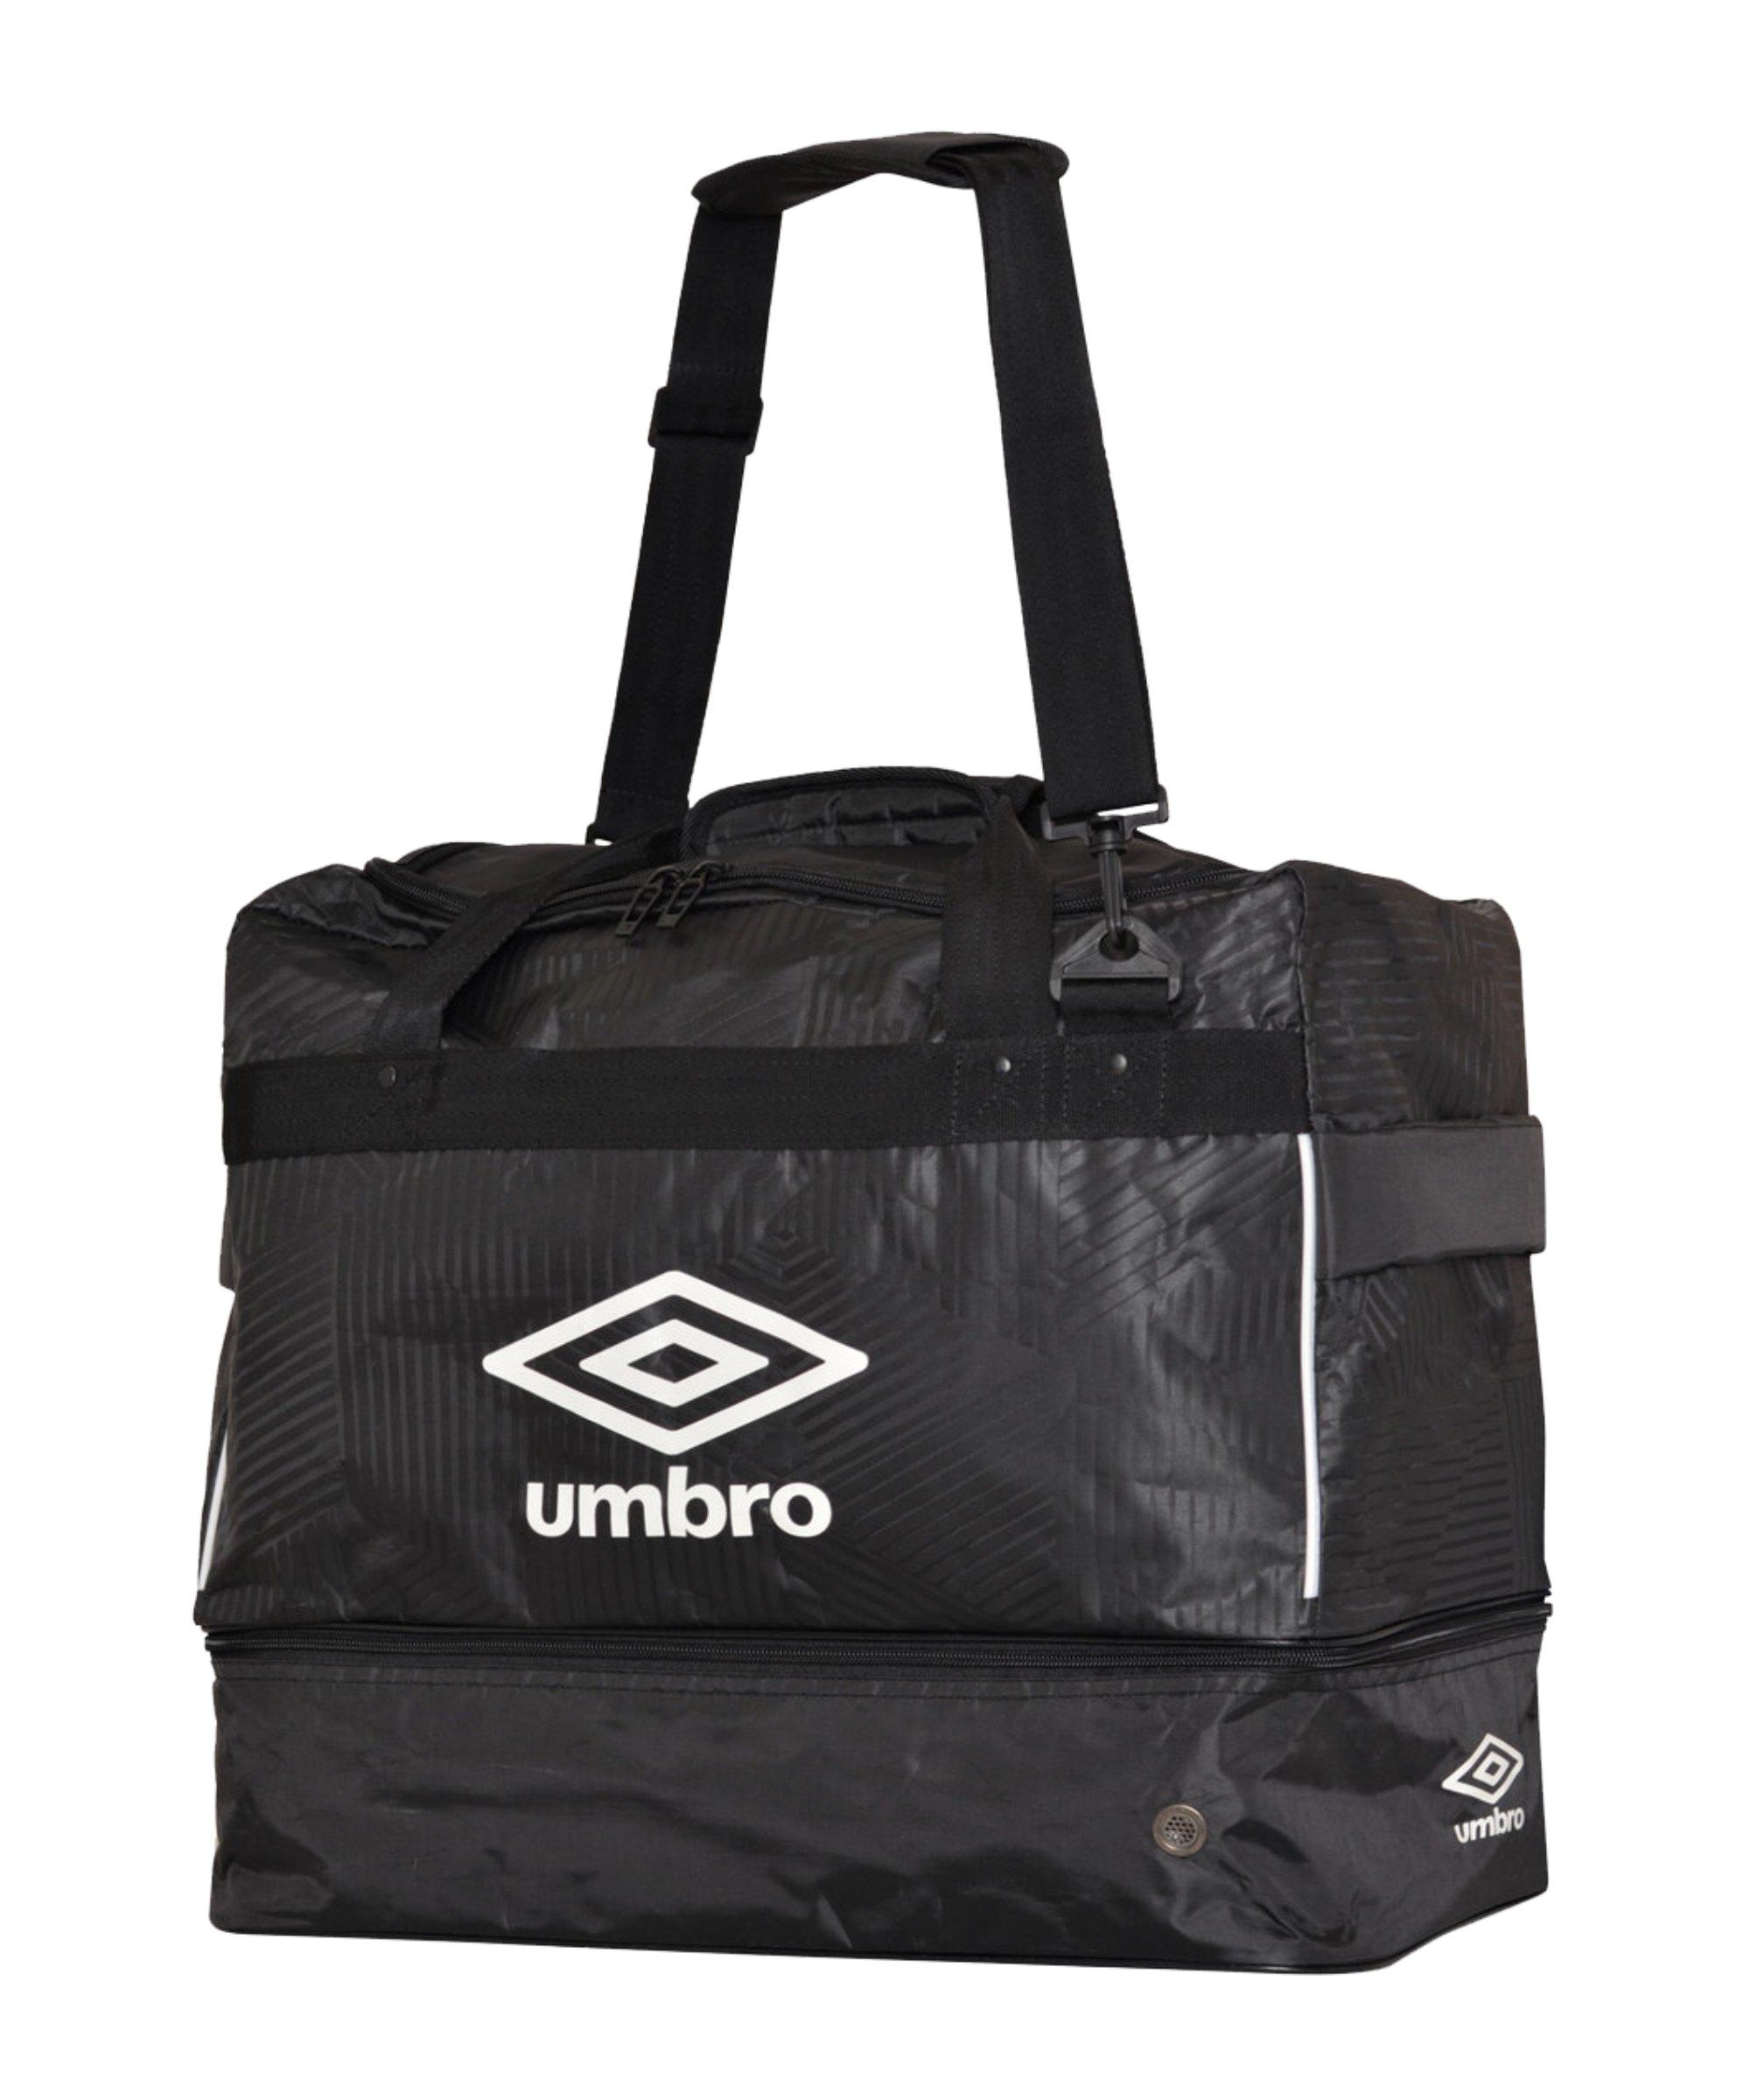 Umbro Maxium Tasche Gr.L mit Bodenfach F090 - schwarz